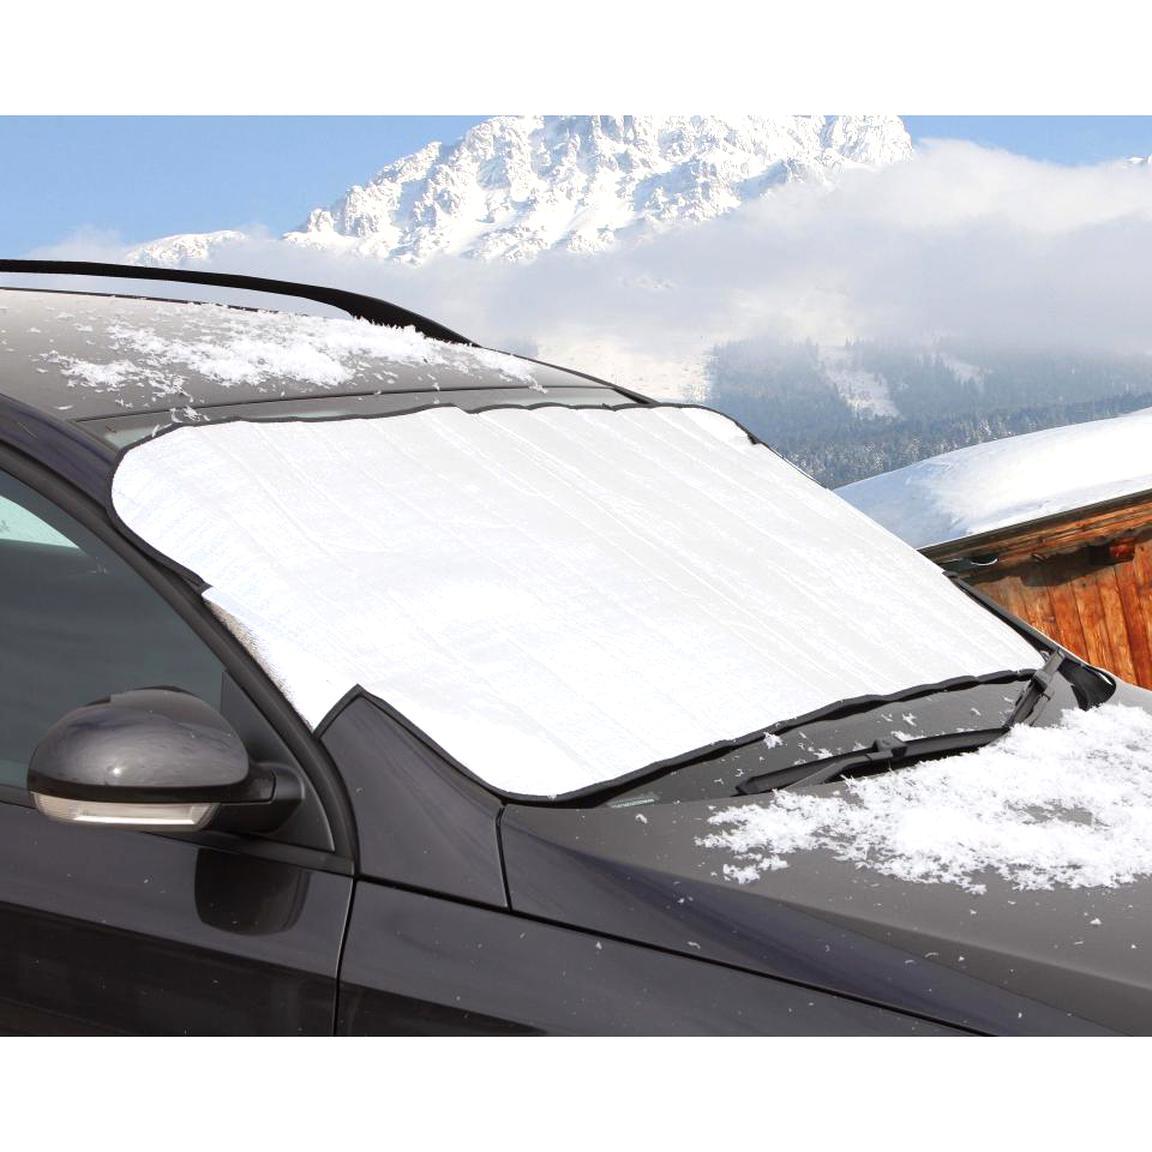 DKB ALU Frostschutz Schneeabdeckung für Windschutzscheibe Scheibenabdeckung